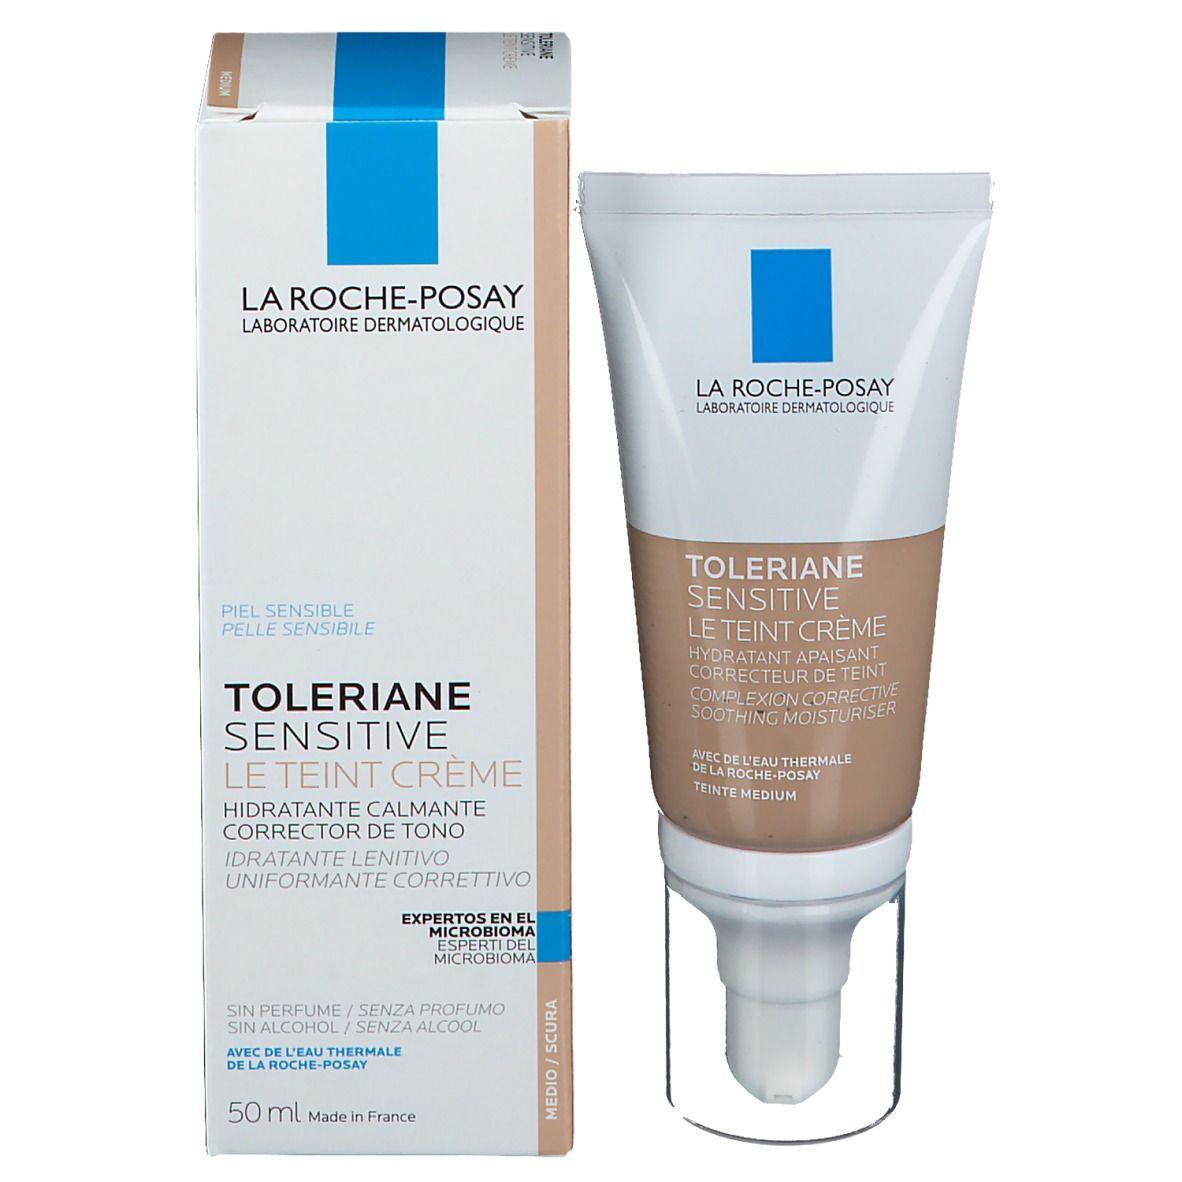 LA ROCHE-POSAY Toleriane Sensitive Le Teint Creme Getönte..